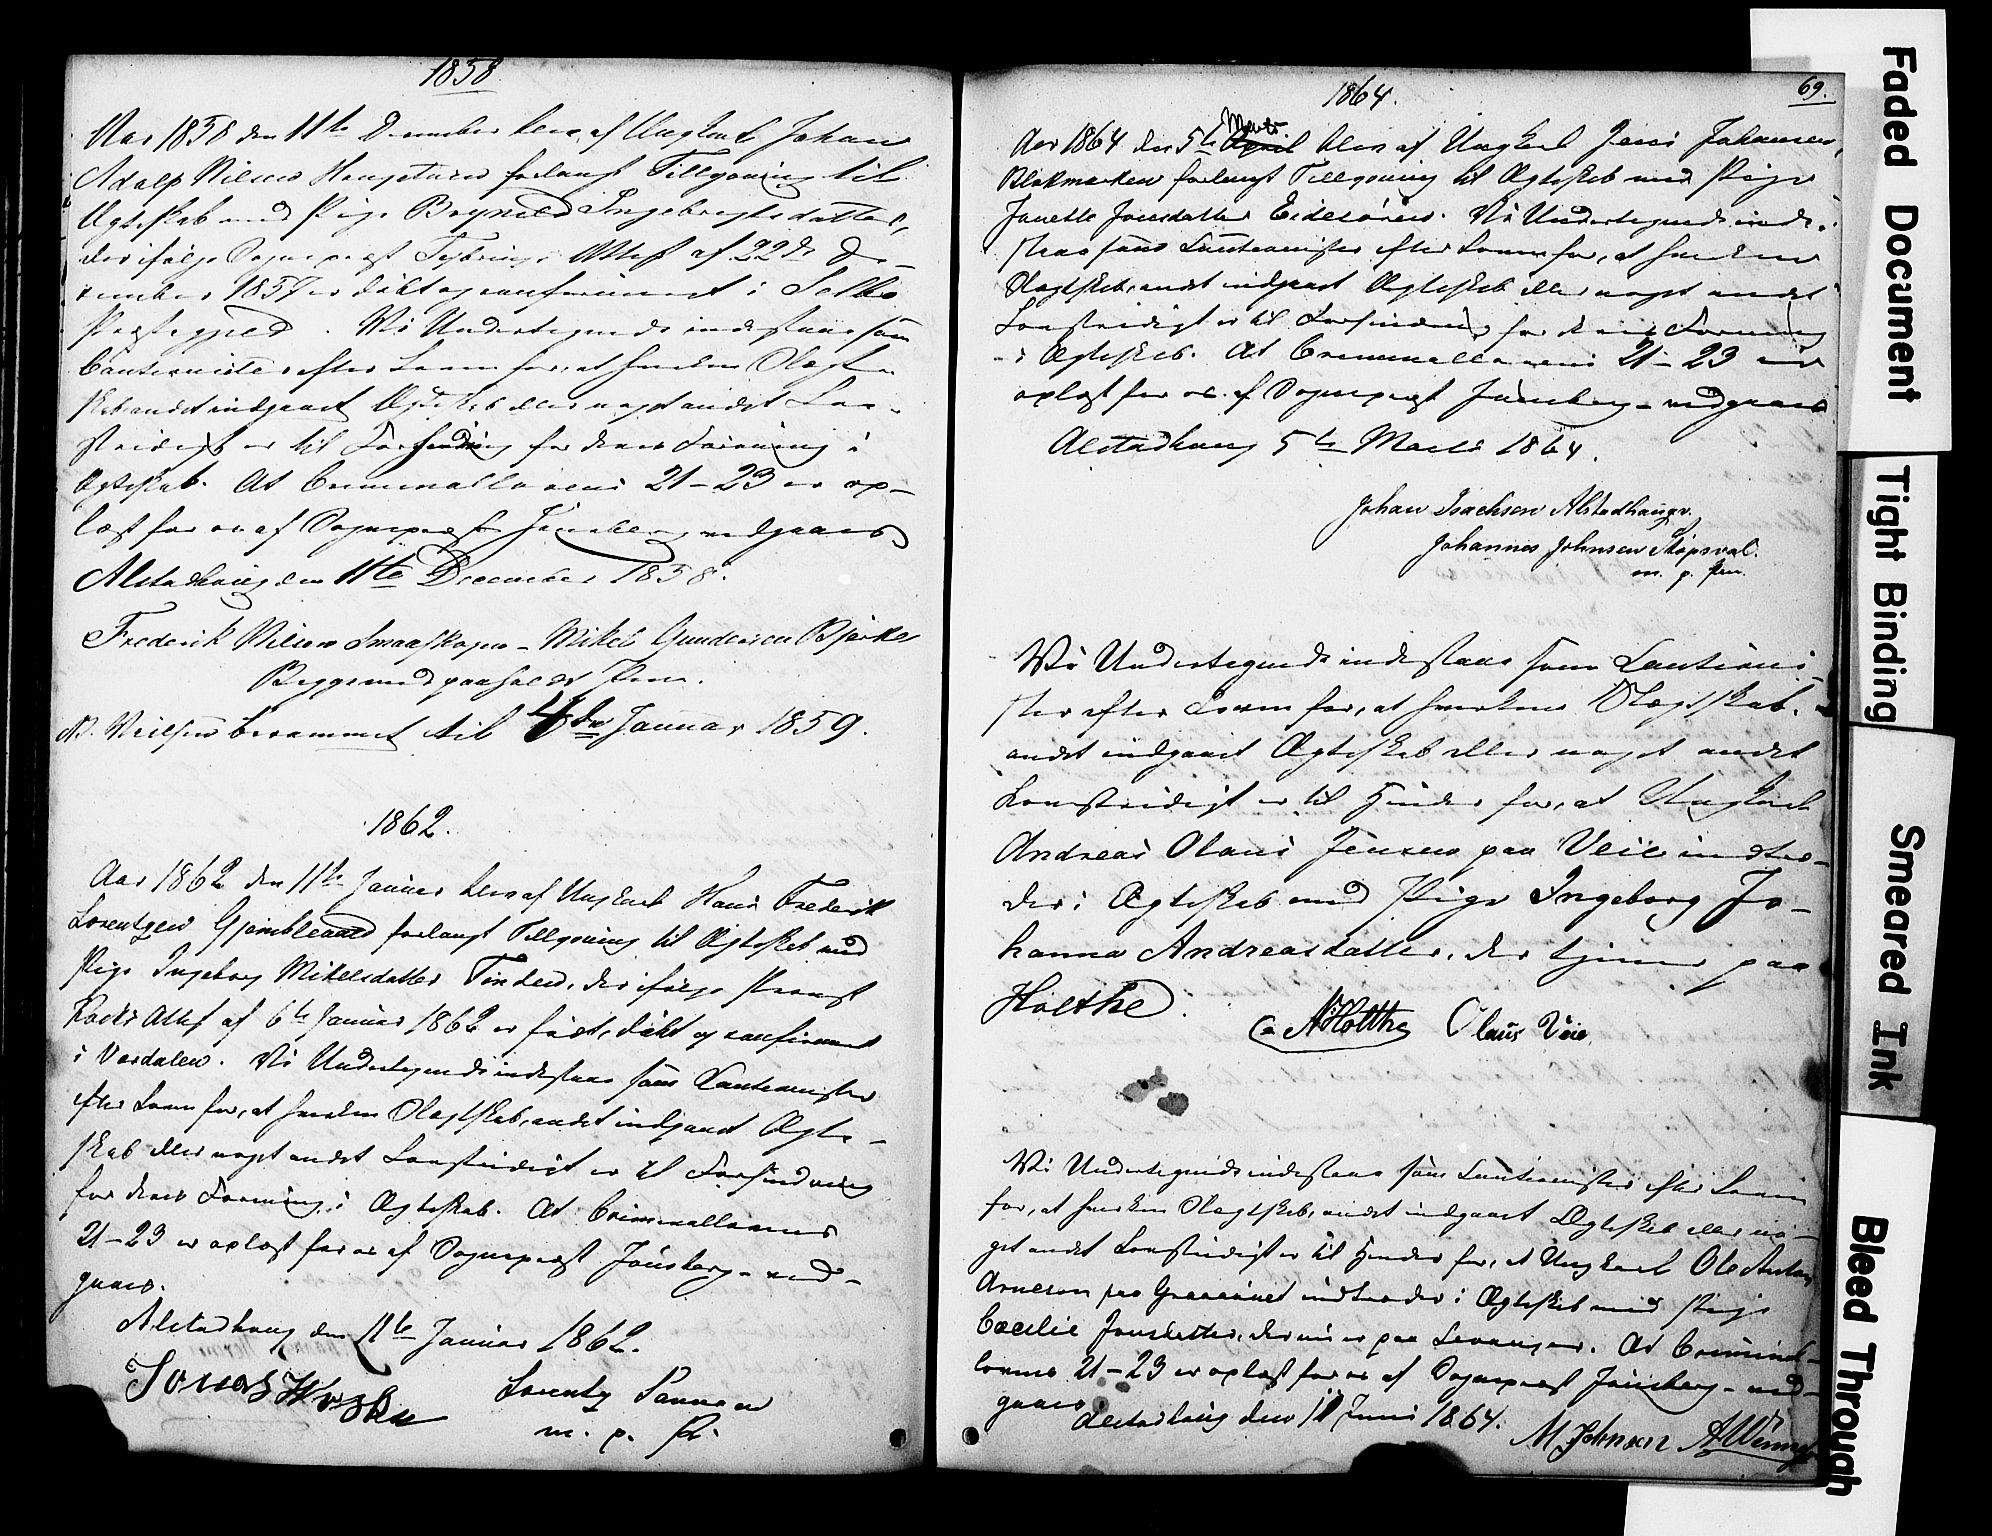 SAT, Ministerialprotokoller, klokkerbøker og fødselsregistre - Nord-Trøndelag, 717/L0161: Forlovererklæringer nr. 717A11, 1850-1895, s. 69